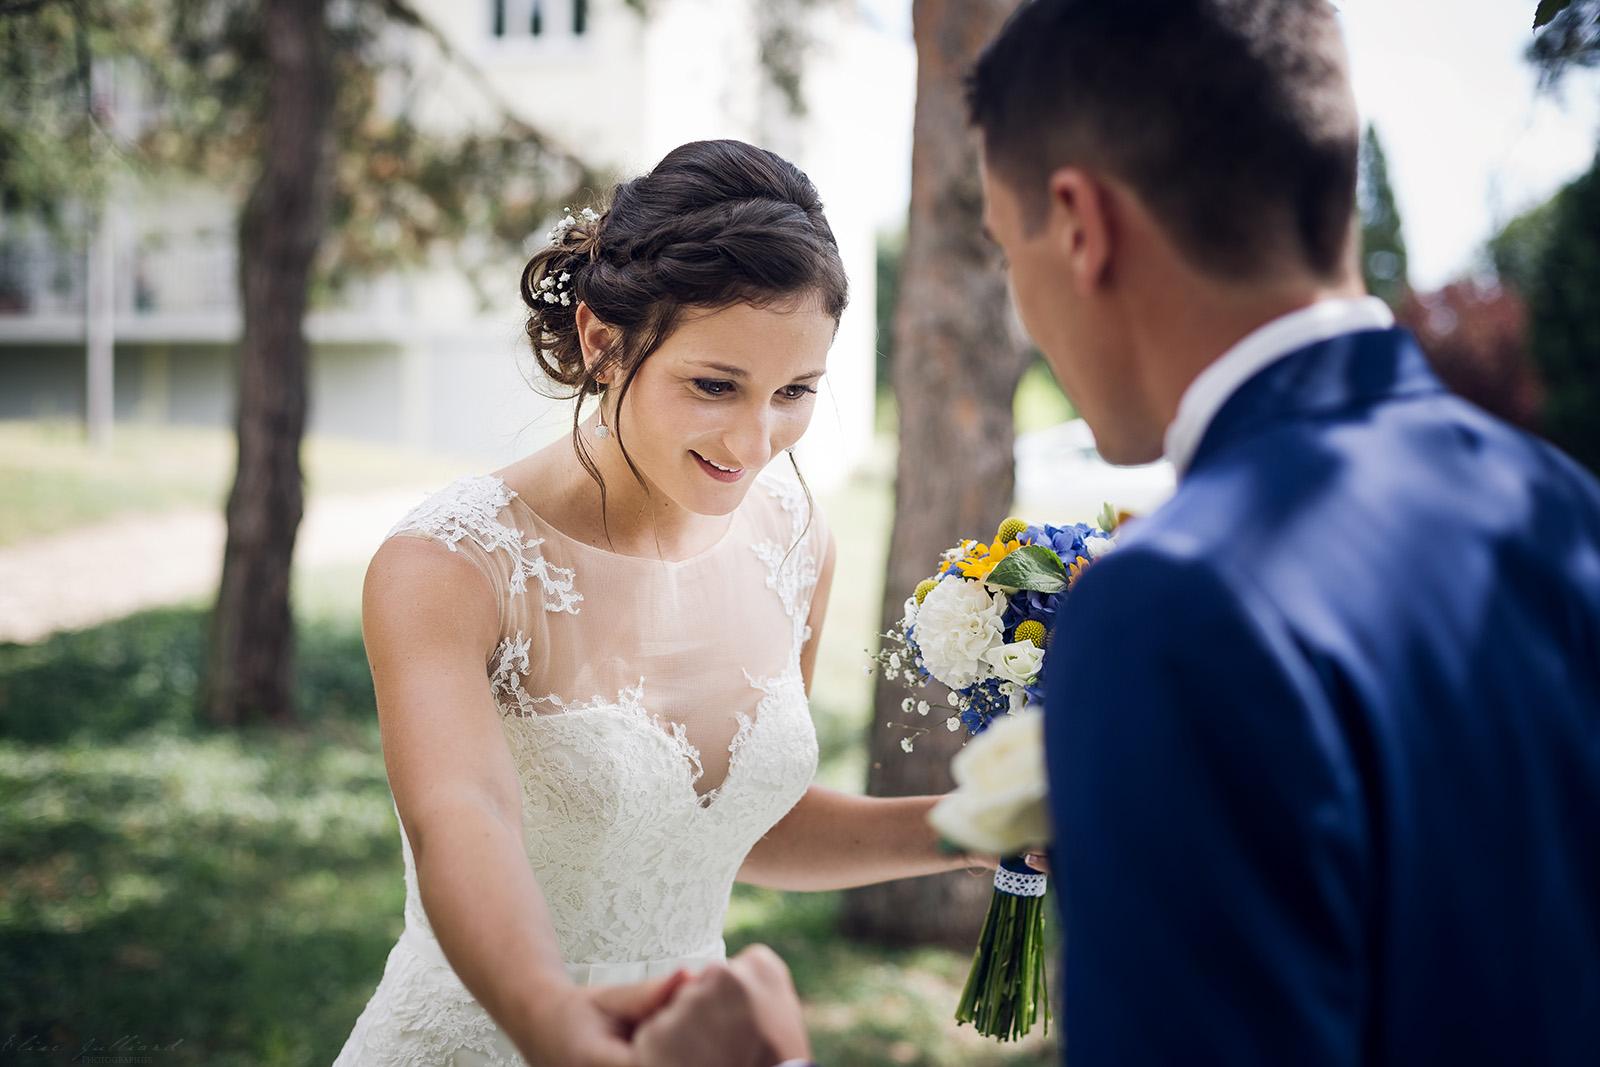 photographe-mariage-wedding-photographer-lyon-auvergne-rhone-alpes-ain-beaujolais-domaine-du-passeloup-couple-amour-love-reportage-elise-julliard-chateau-de-cibeins-43